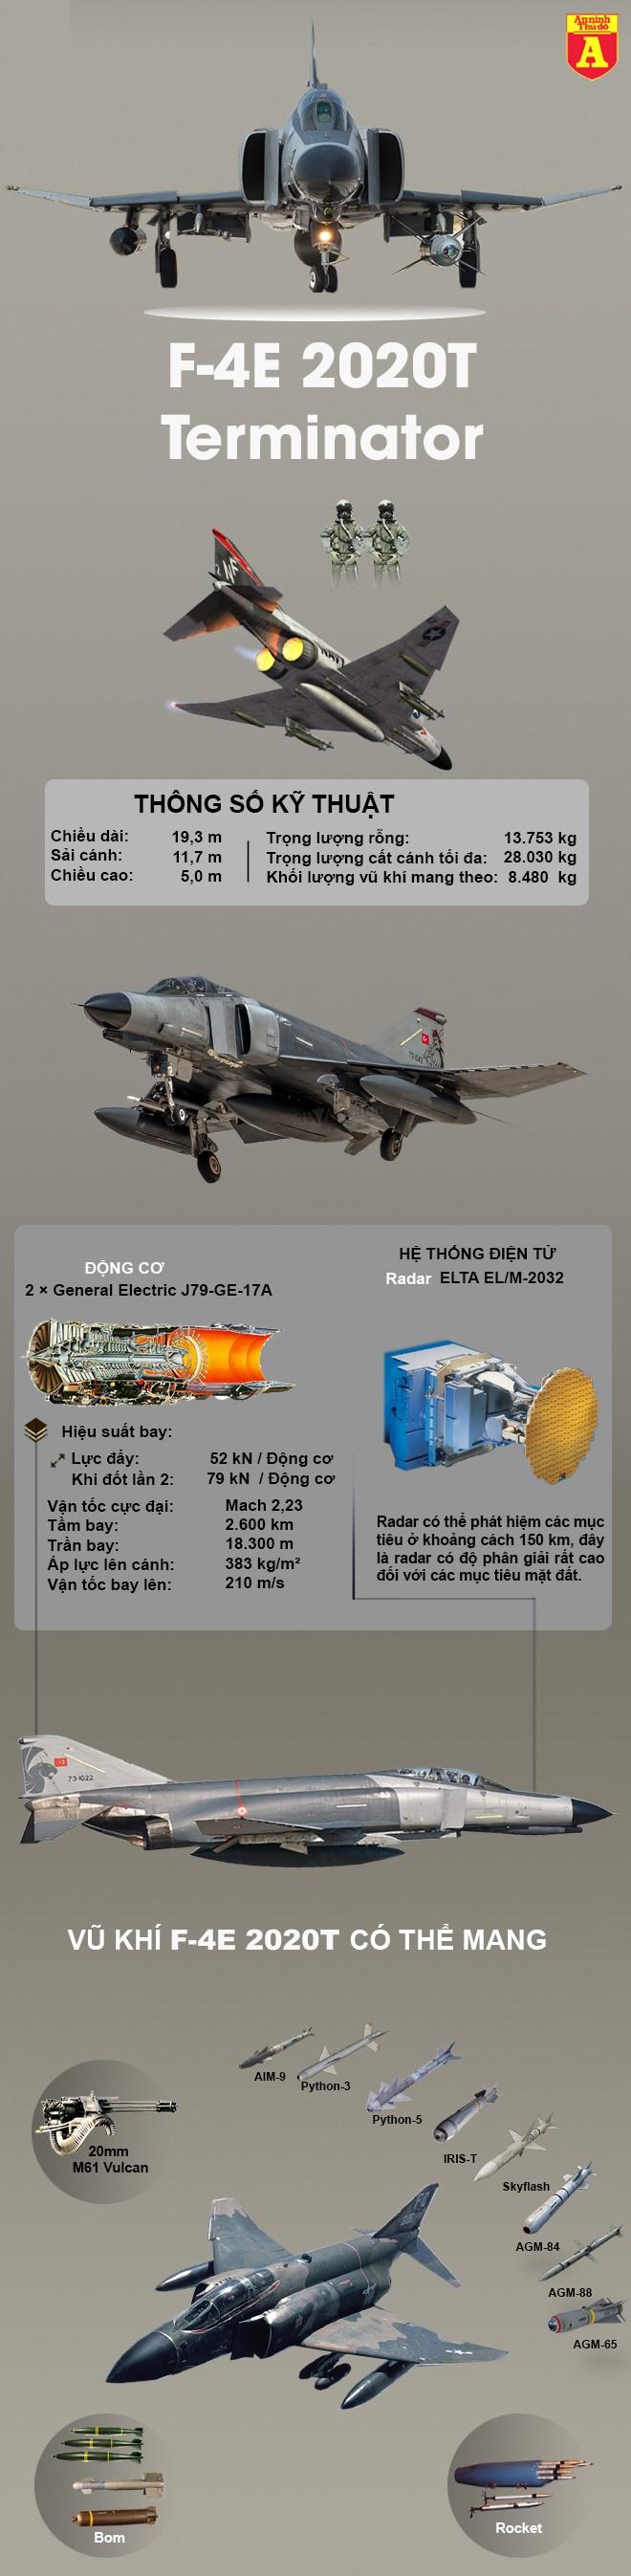 """[Info] Thổ Nhĩ Kỳ sẽ tung """"Kẻ hủy diệt"""" F-4E 2020T từng thắng áp đảo Su-27 vào chiến địa Syria ảnh 2"""